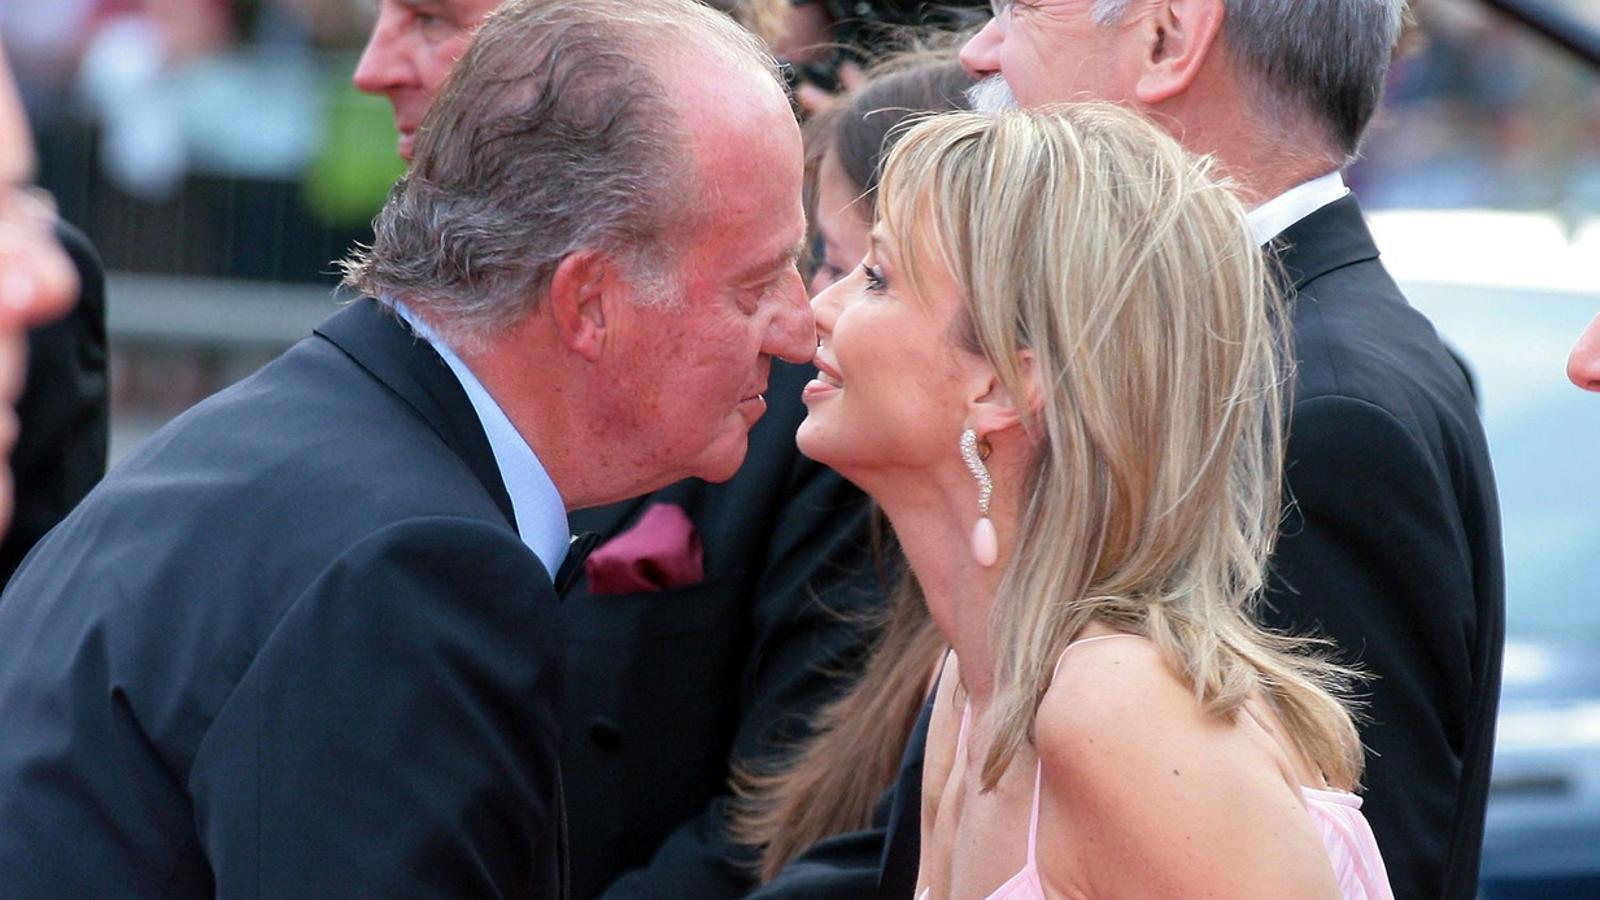 Joan Carles I es volia casar amb Corinna, segons un llibre